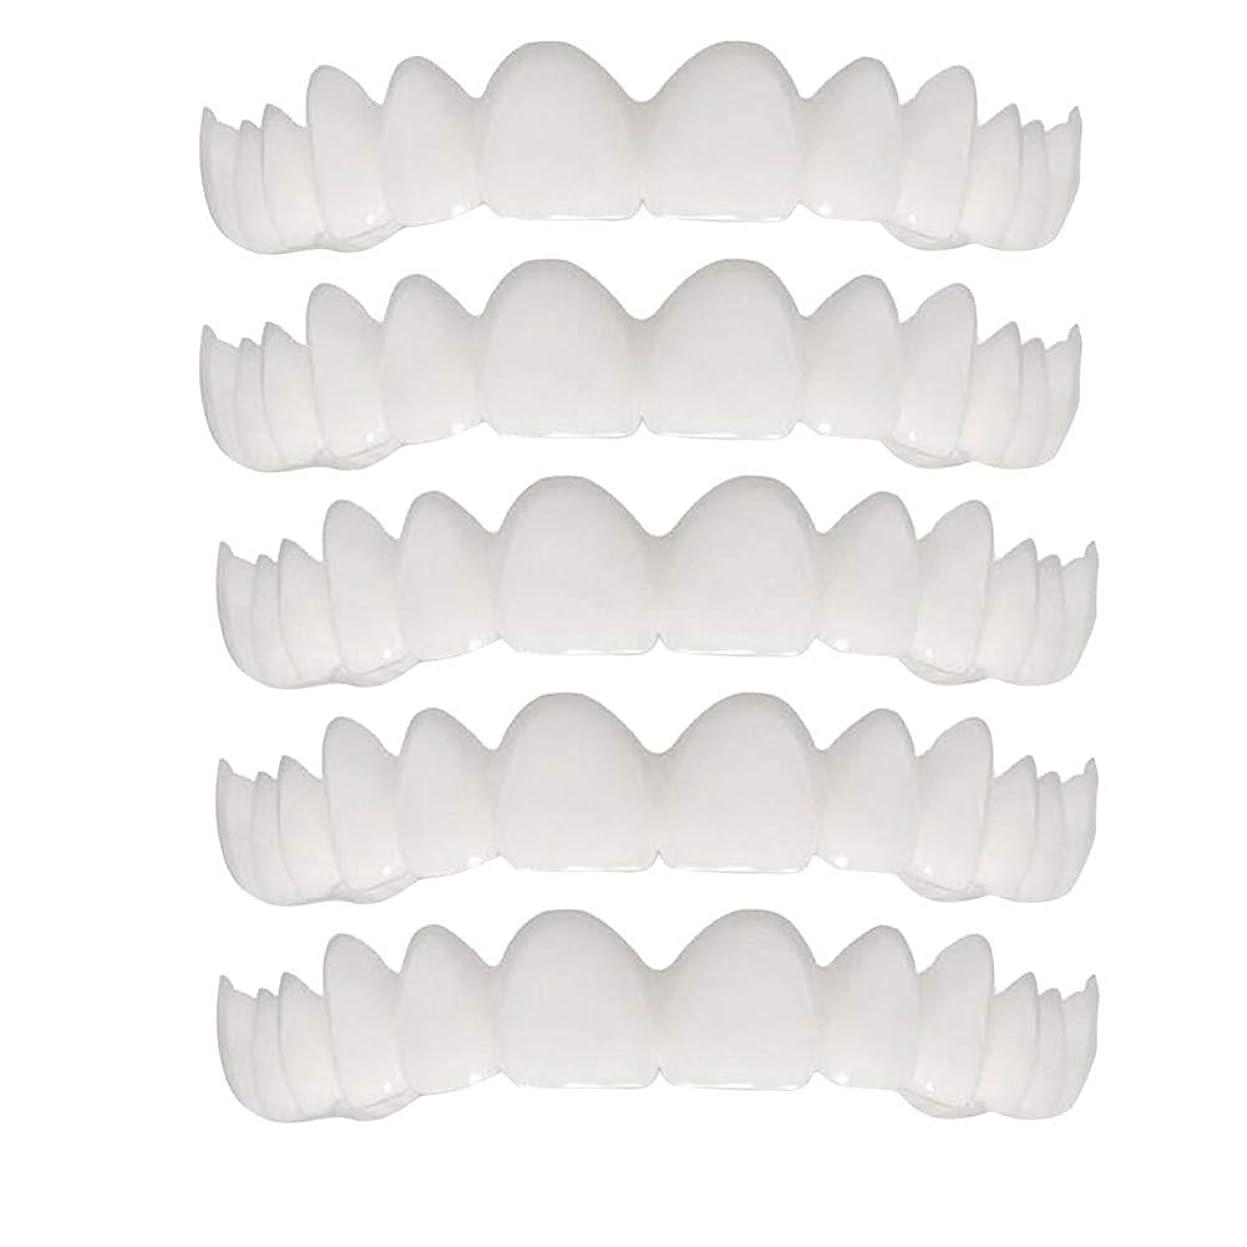 うつ船尾モデレータ5組の一時的な化粧品の歯入れ歯の歯の化粧品のシミュレーションのブレースの上部のブレース+下部のブレース、瞬時に快適な柔らかい完璧なベニヤ,5Upperteeth+Lowerteeth